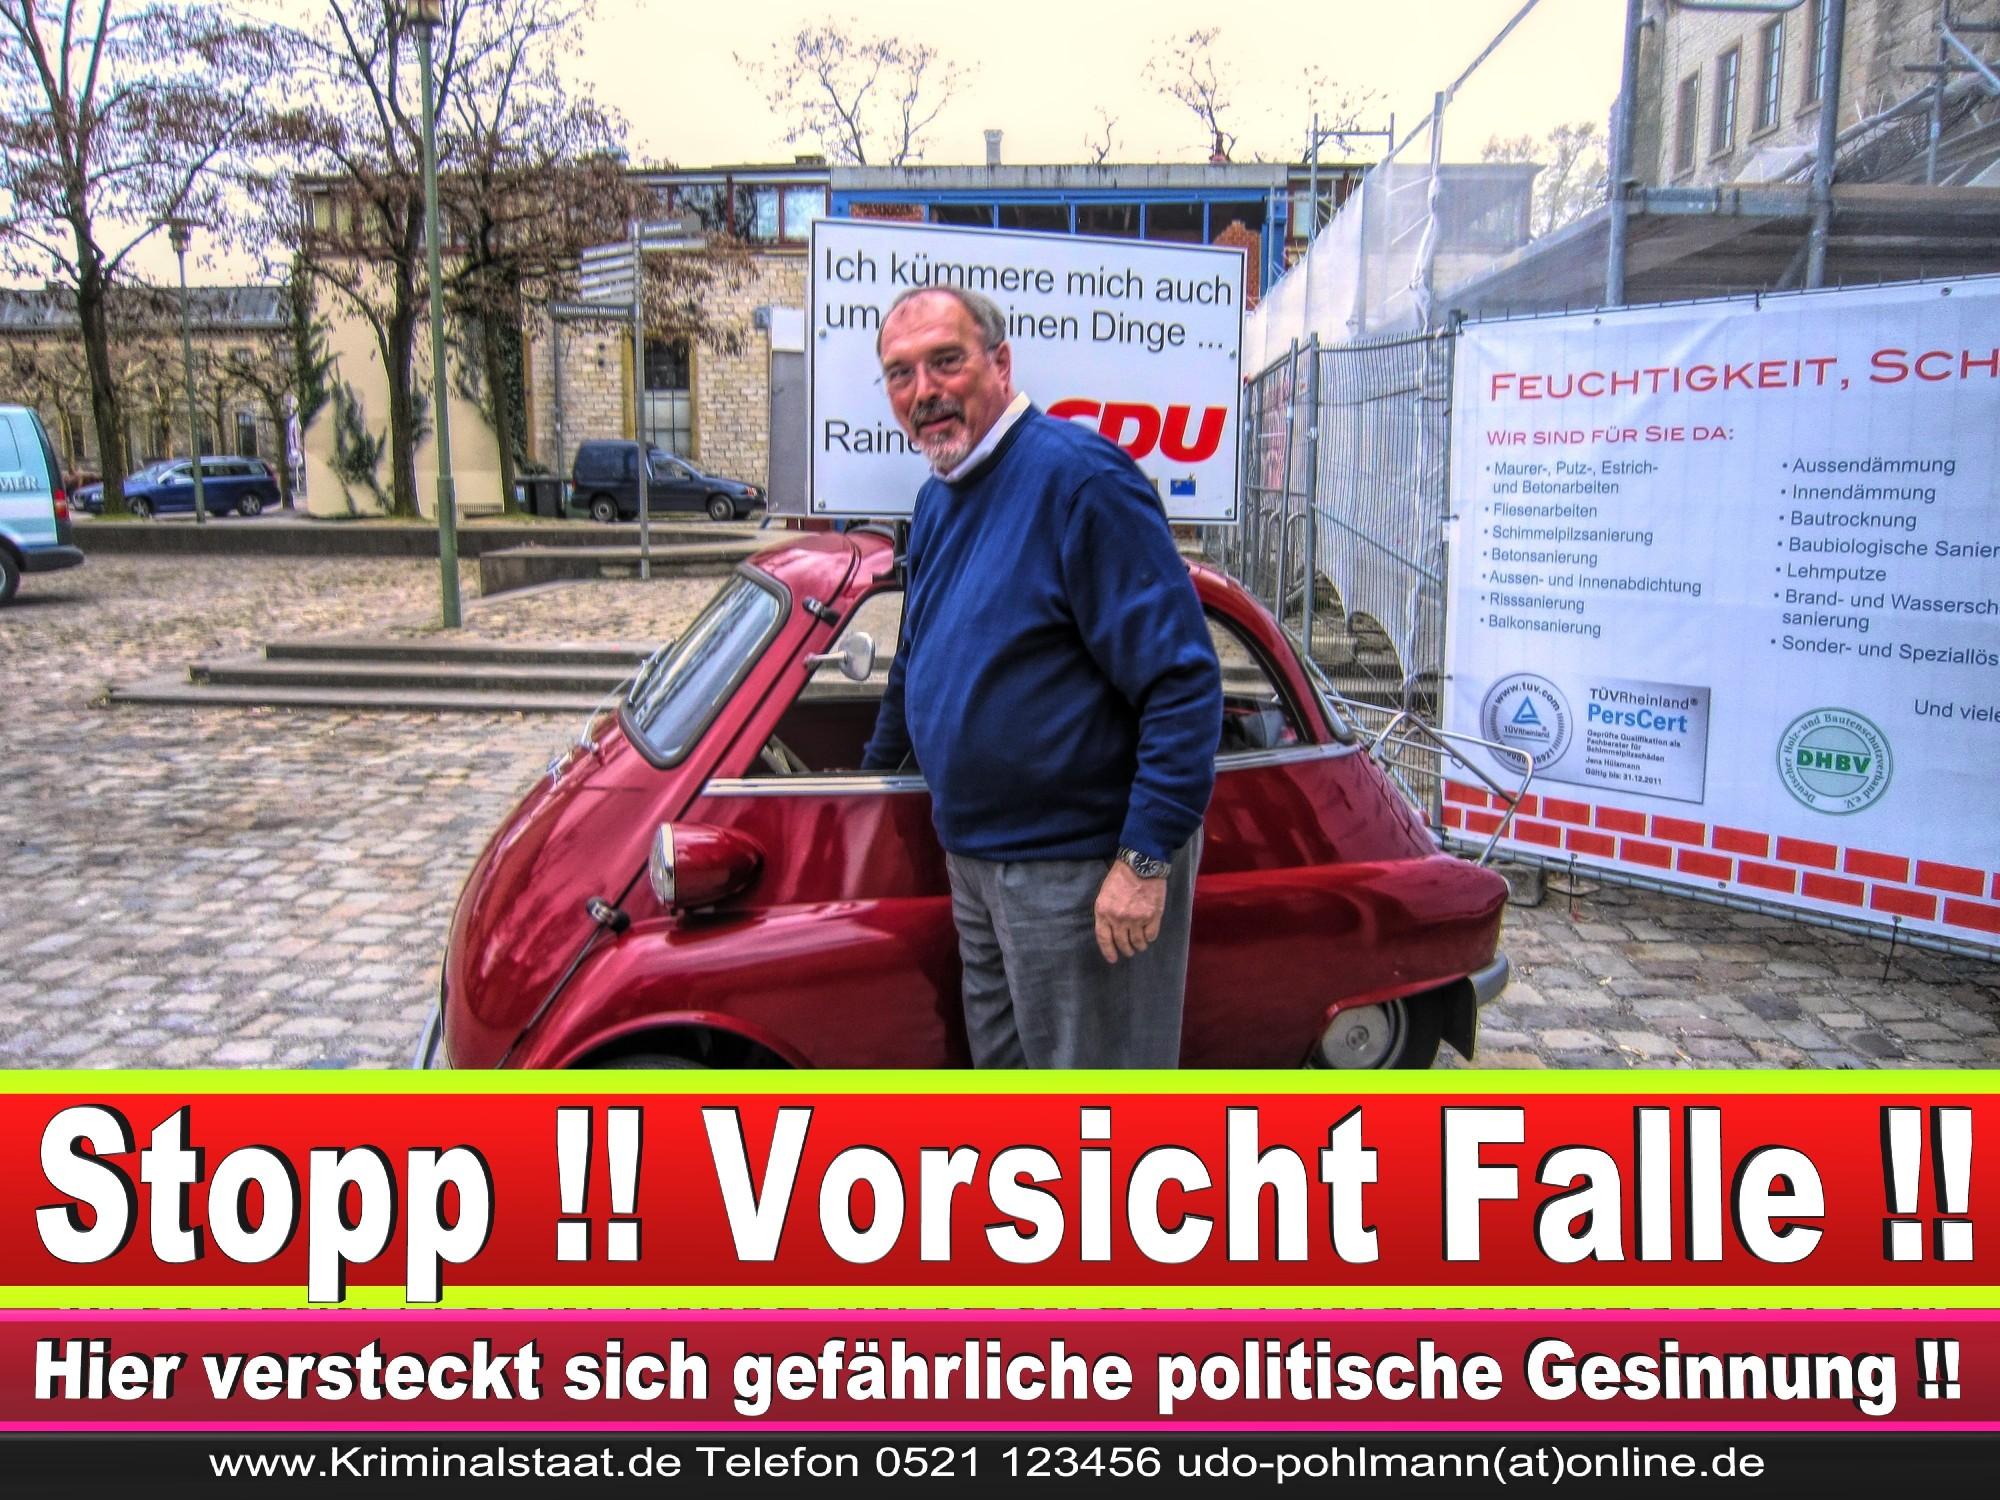 Wahlwerbung Wahlplakate Landtagswahl 2019 Europawahl CDU SPD FDP 2021 (3)